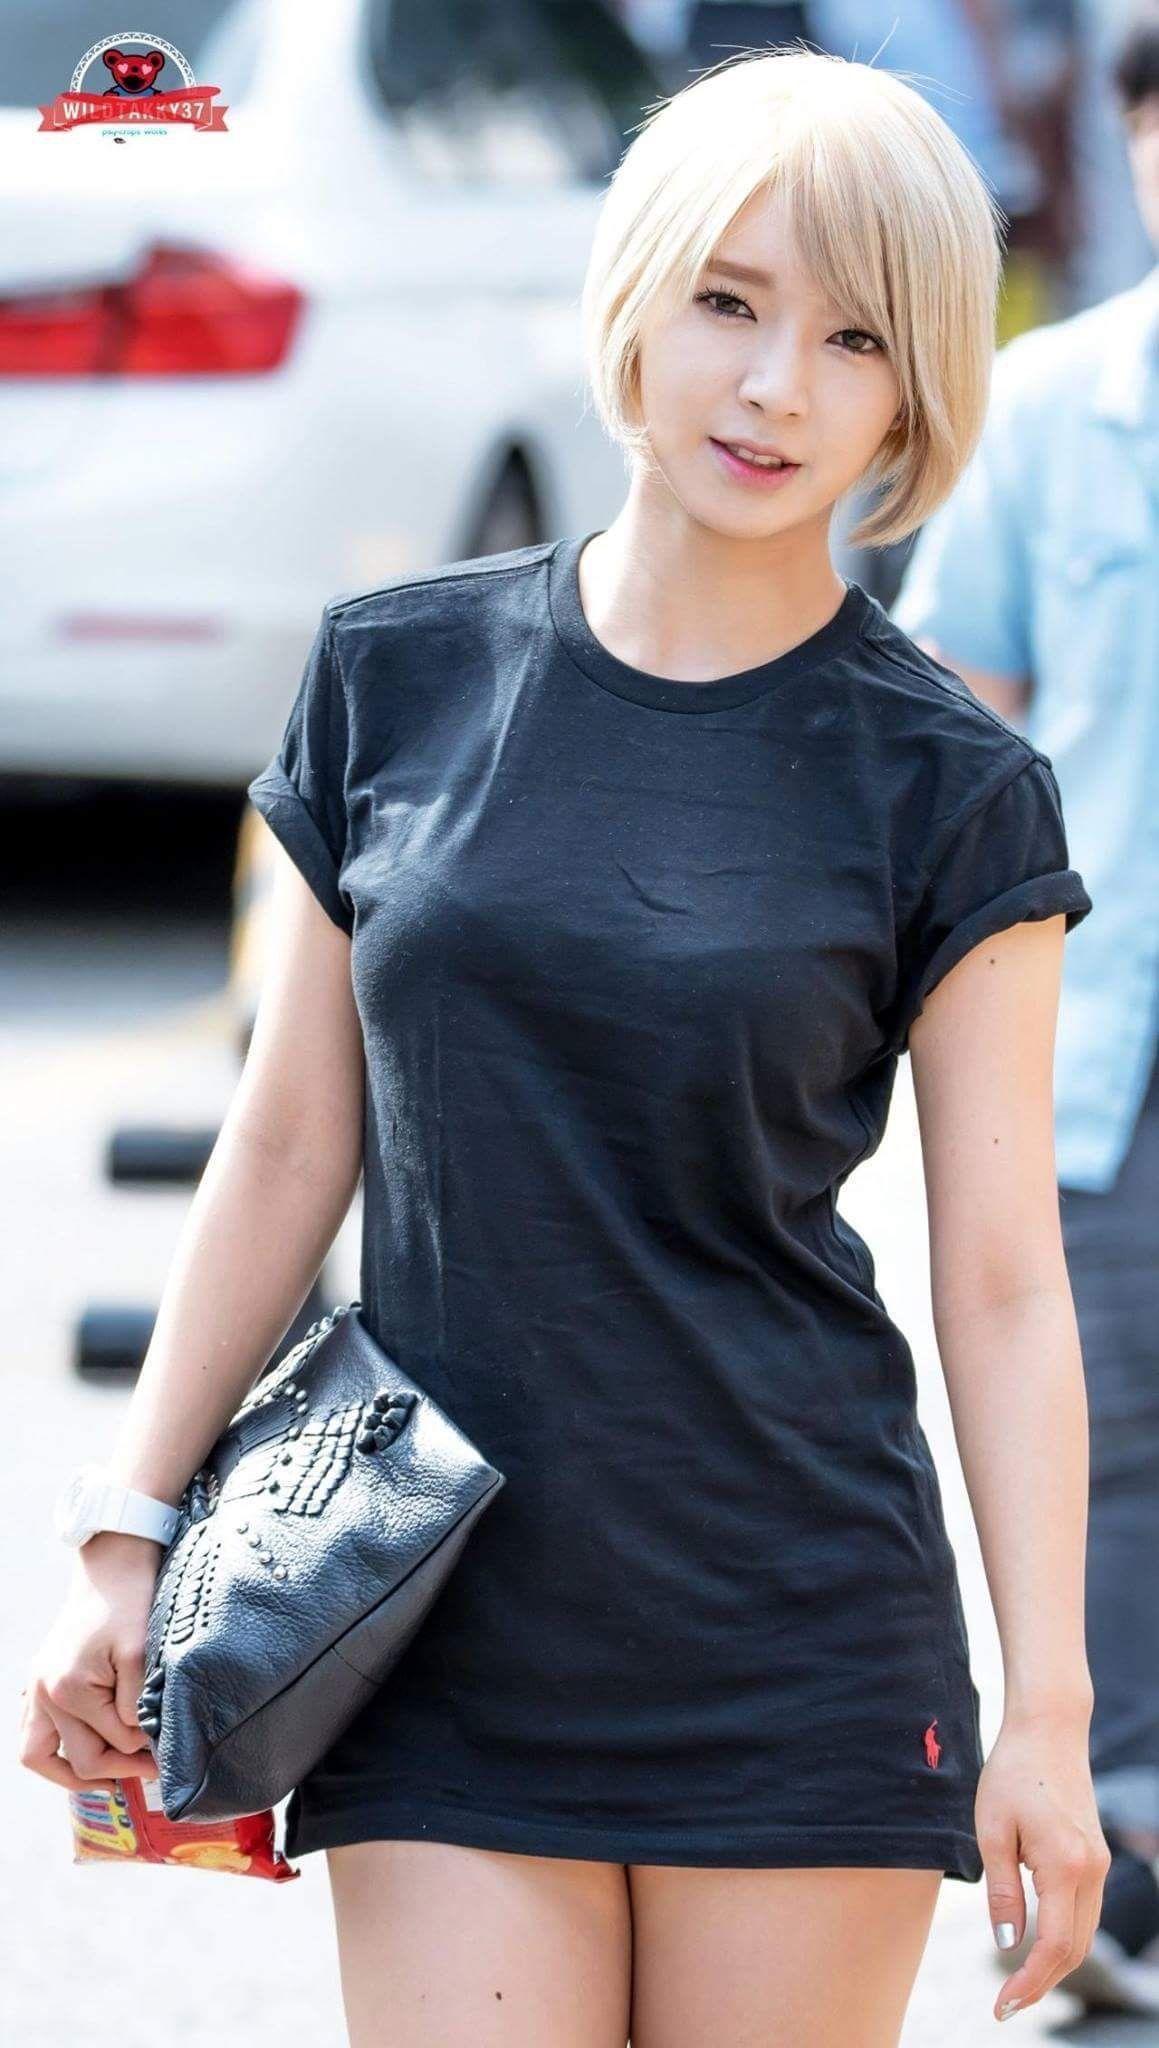 Korean Pics ♡ on Twitter   Ailee, Amy lee, Kpop girls